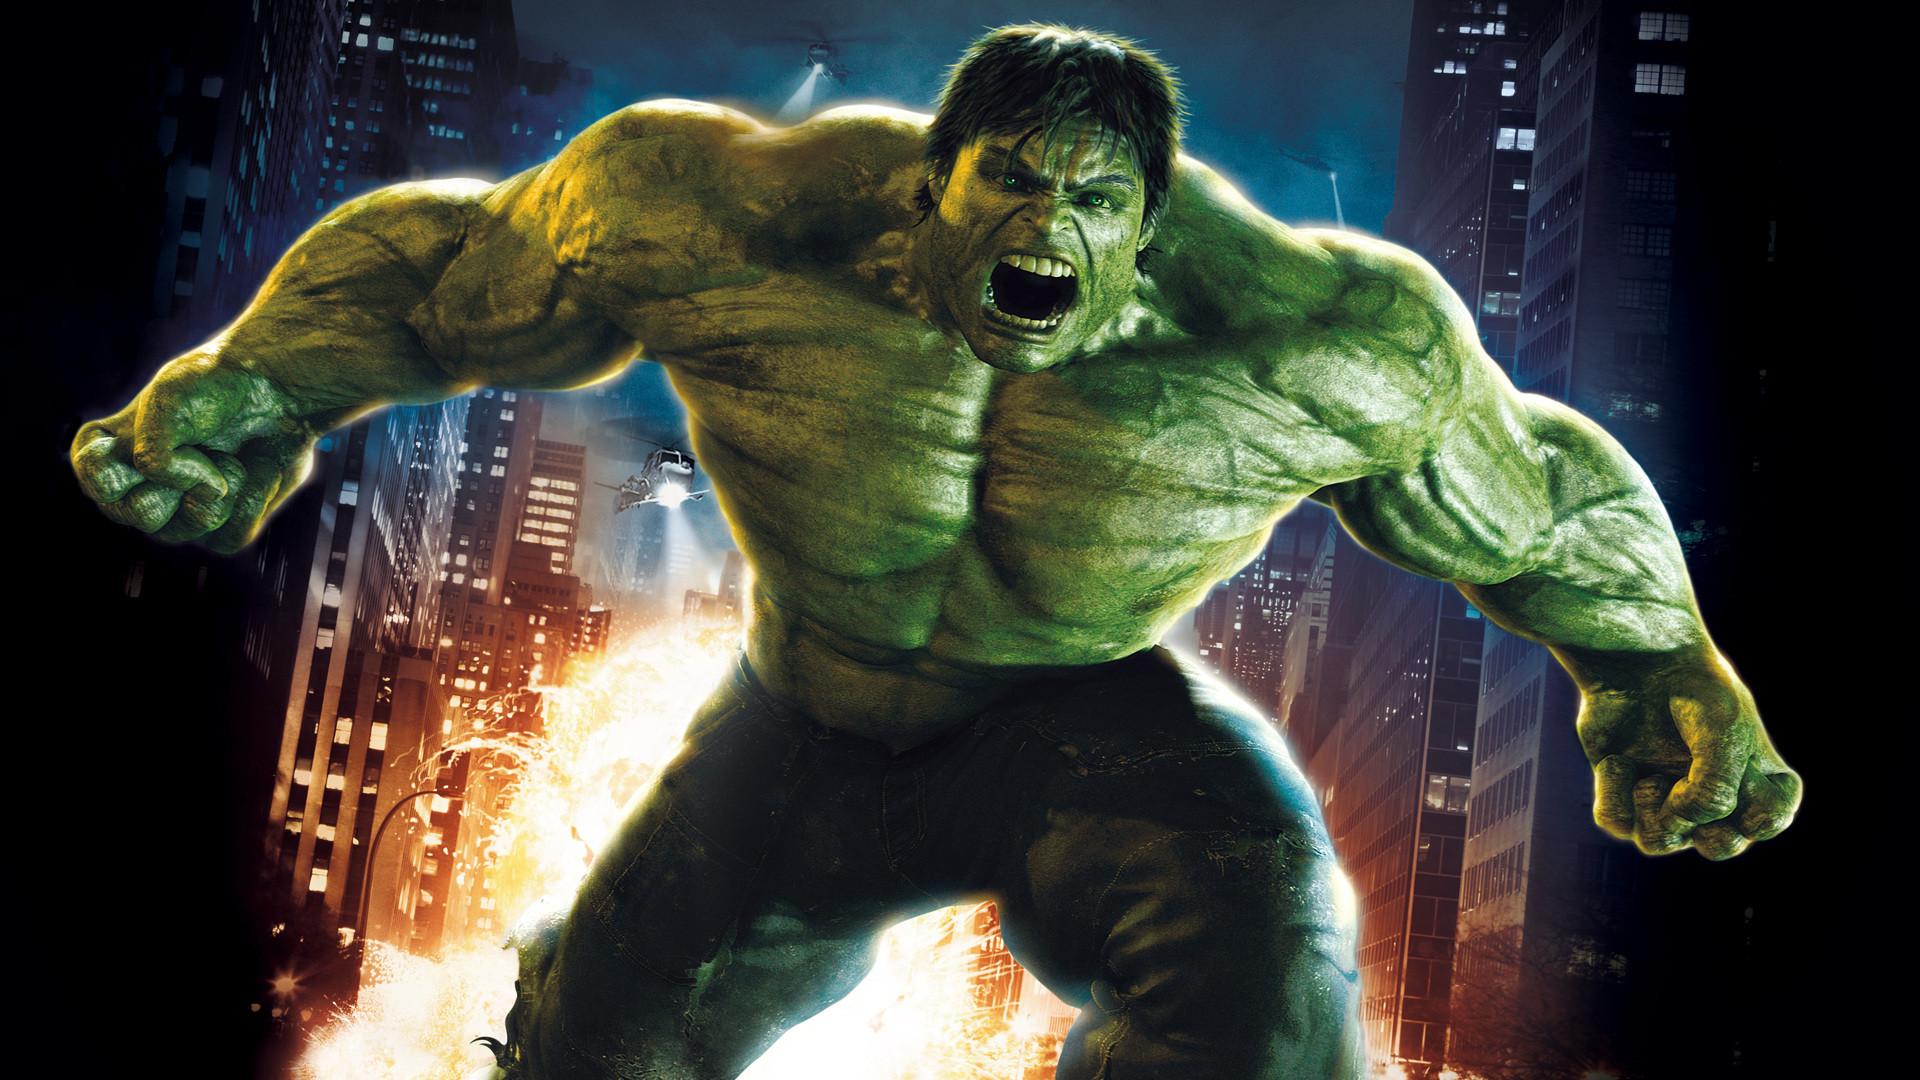 Incredible Hulk Wallpaper 2018